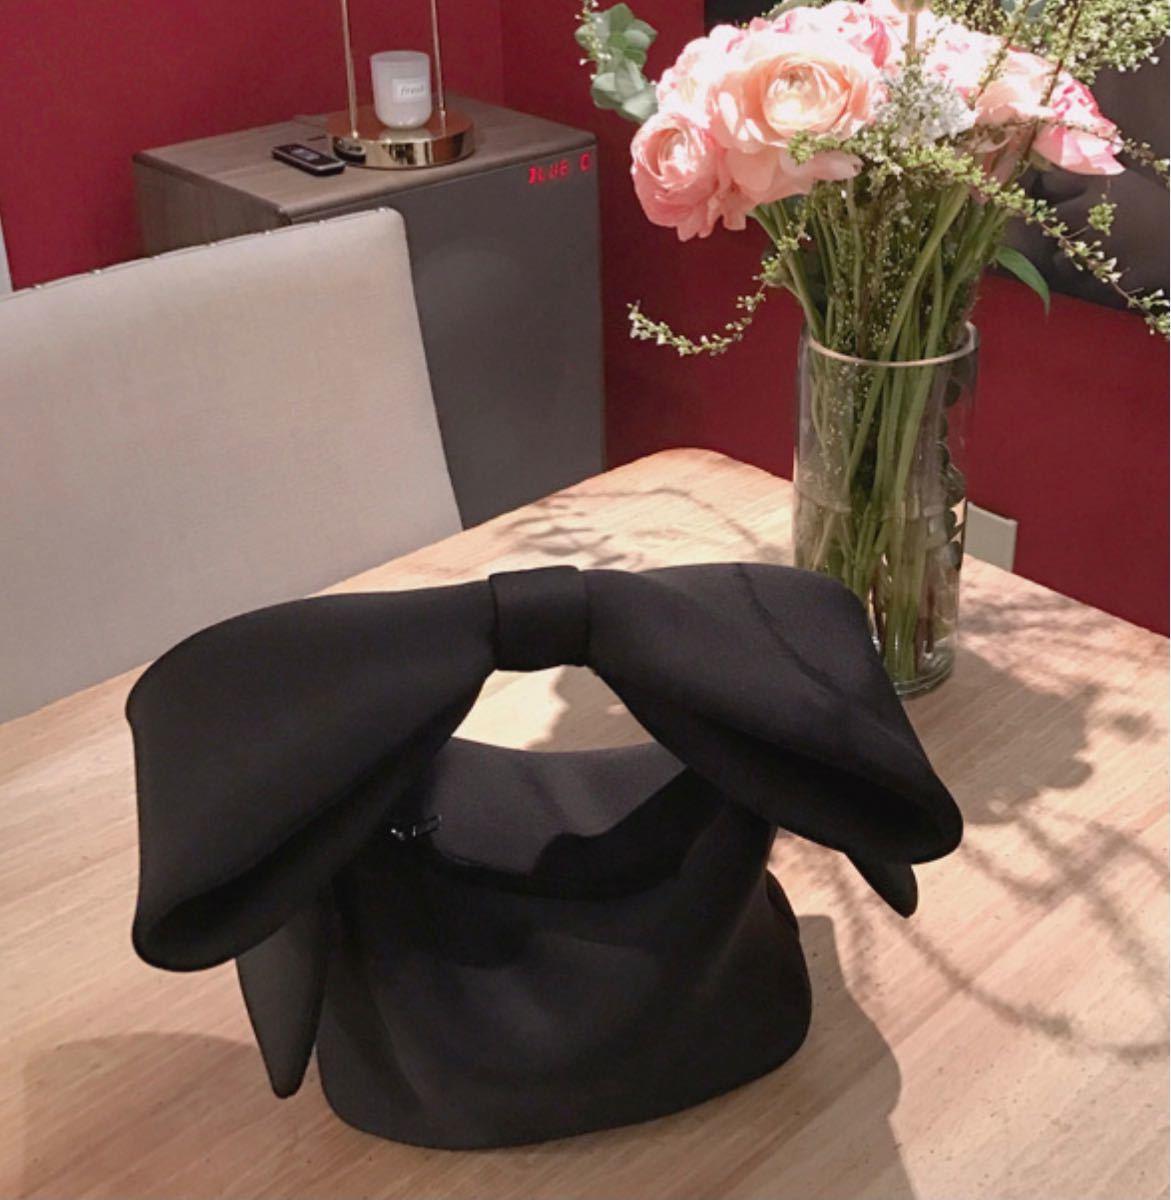 バッグ リボン ブラック 黒 ハンドバッグ ショルダー レディース オルチャン ビッグリボン オルチャン 韓国 大人コーデ